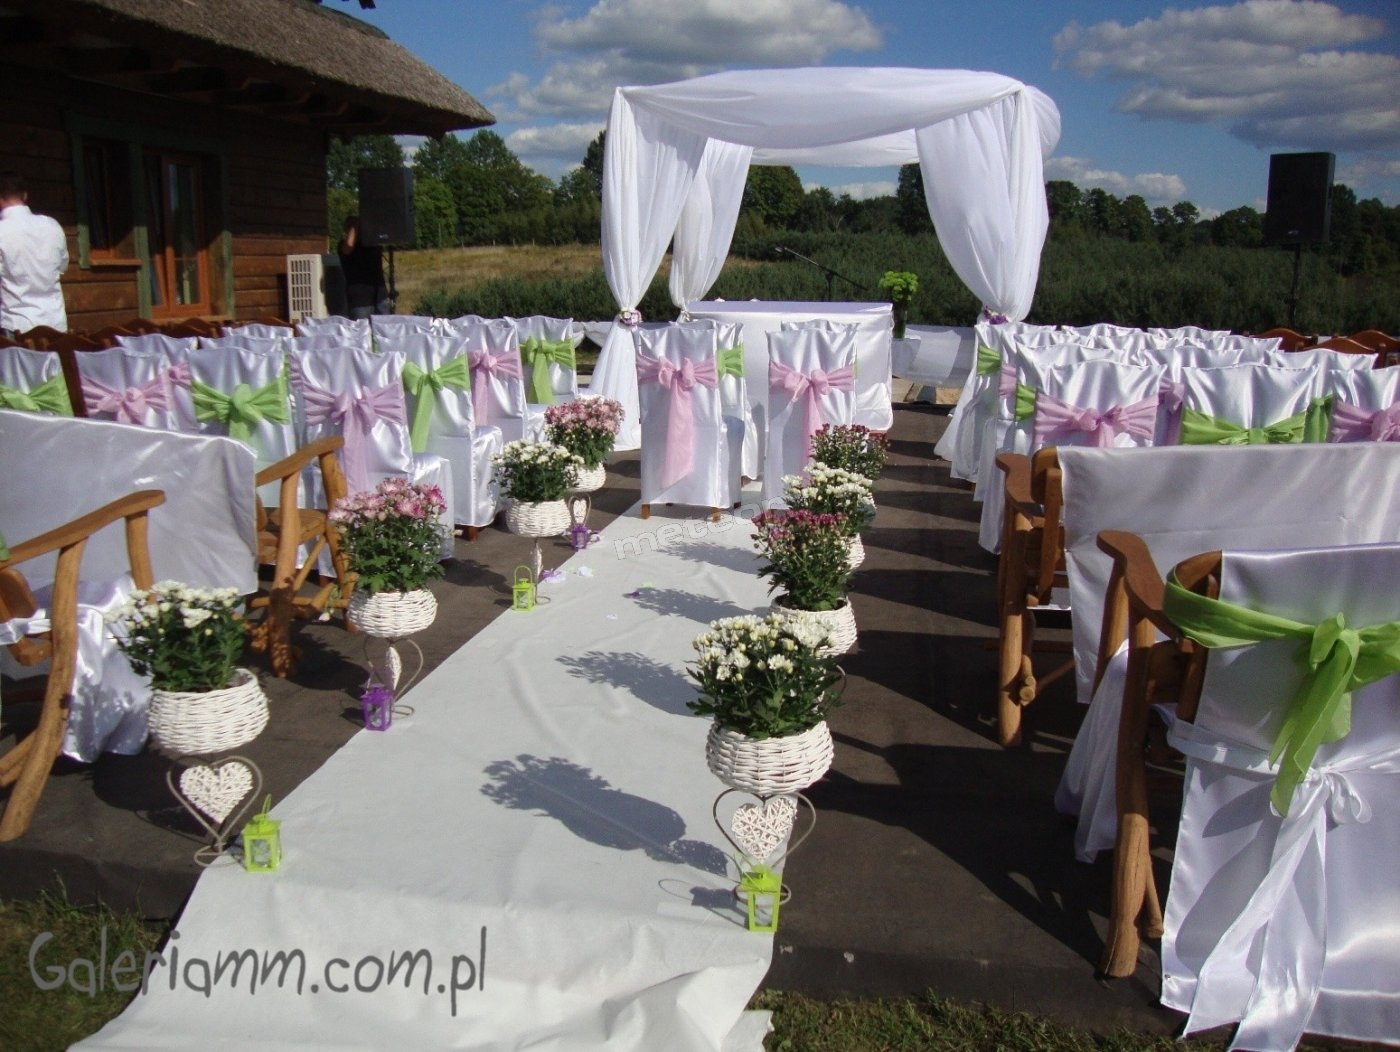 Wygląd tarasu przygotowanego do ślubu na świeżym powietrzu.